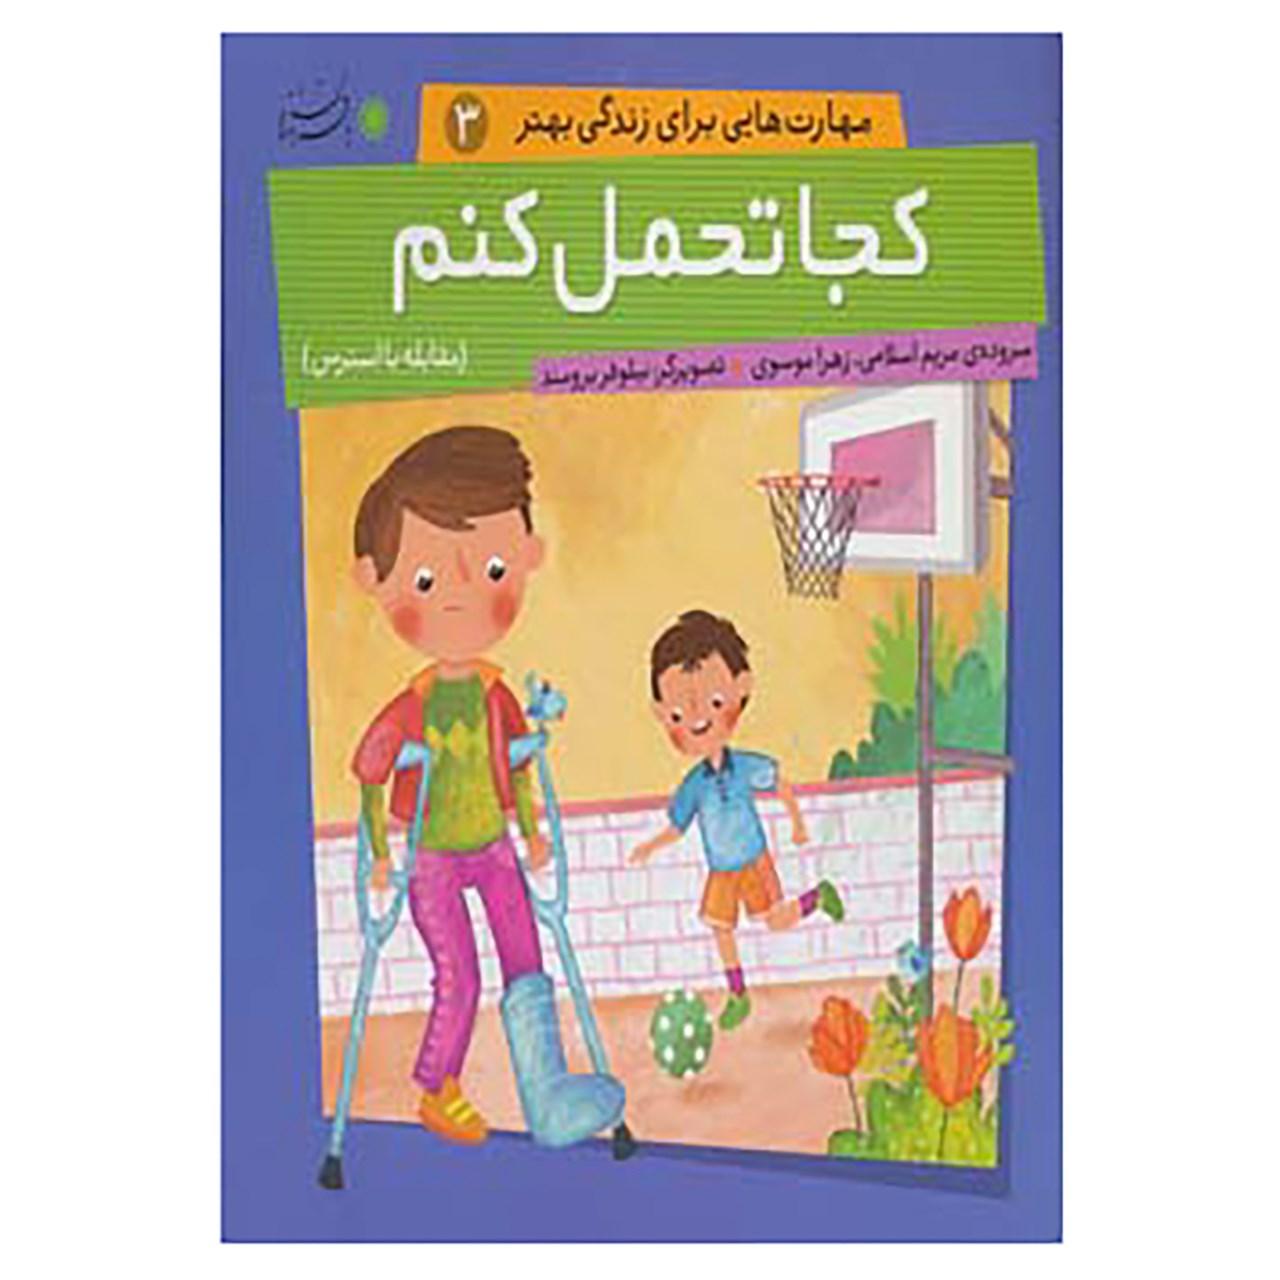 خرید                      کتاب مهارت هایی برای زندگی بهتر 3 اثر مریم اسلامی،زهرا موسوی